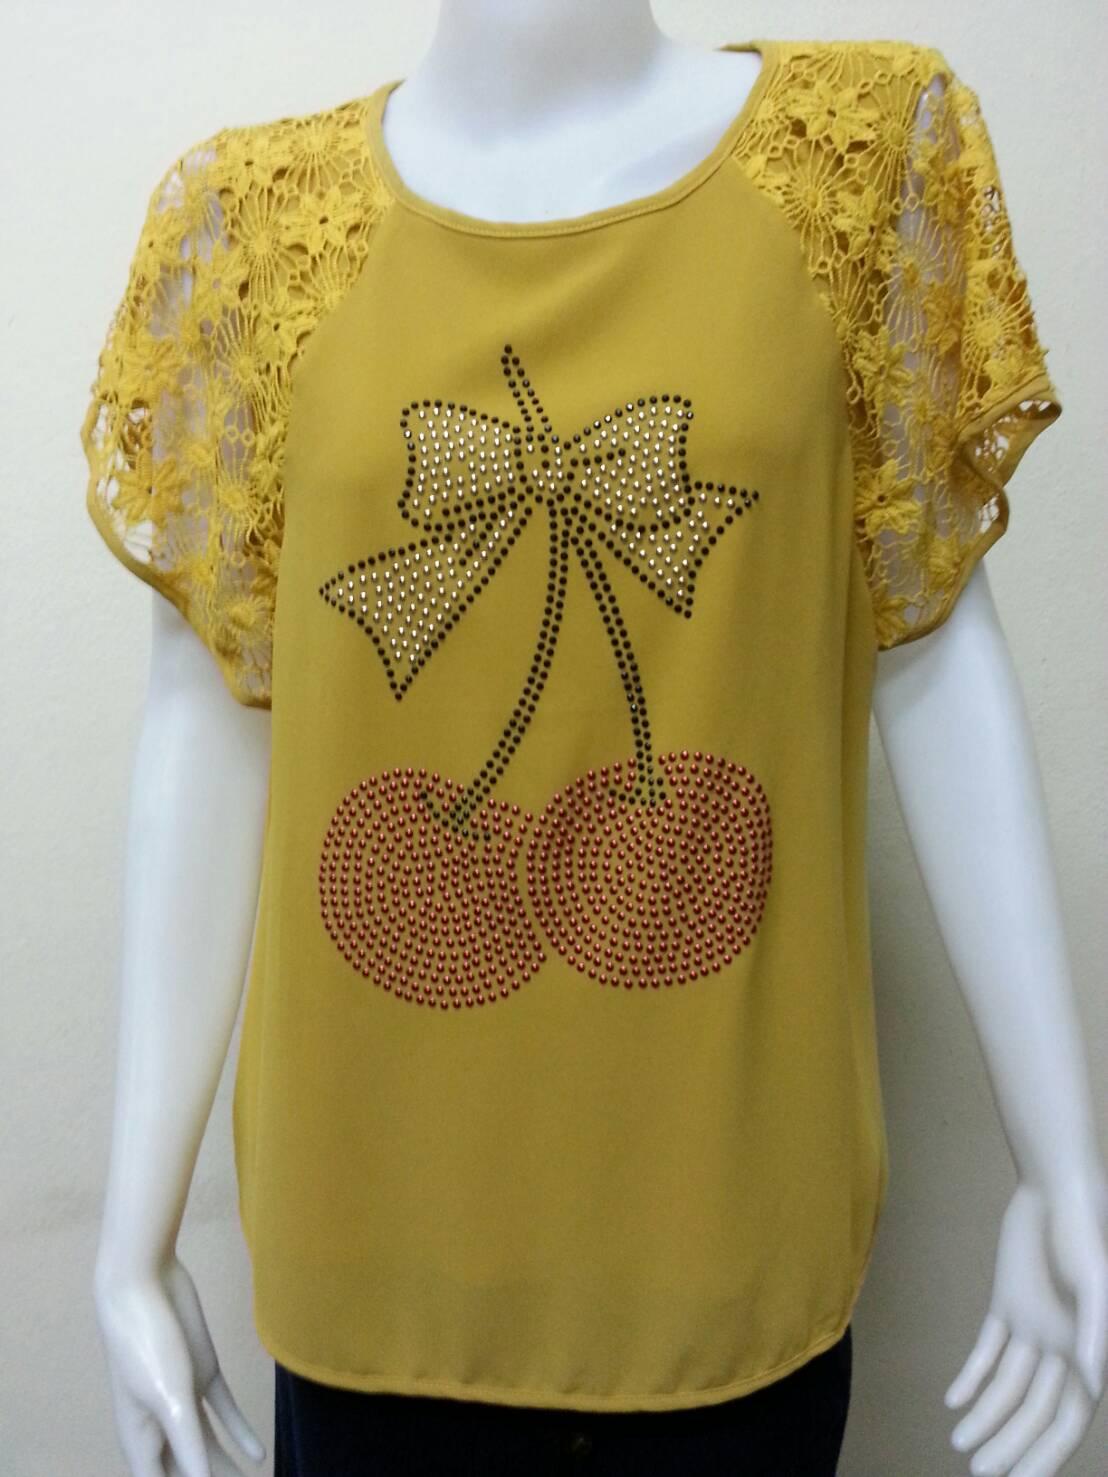 เสื้อคอกลมผ้าชีฟอง สีเหลืองไพร BY Kut Katawetee